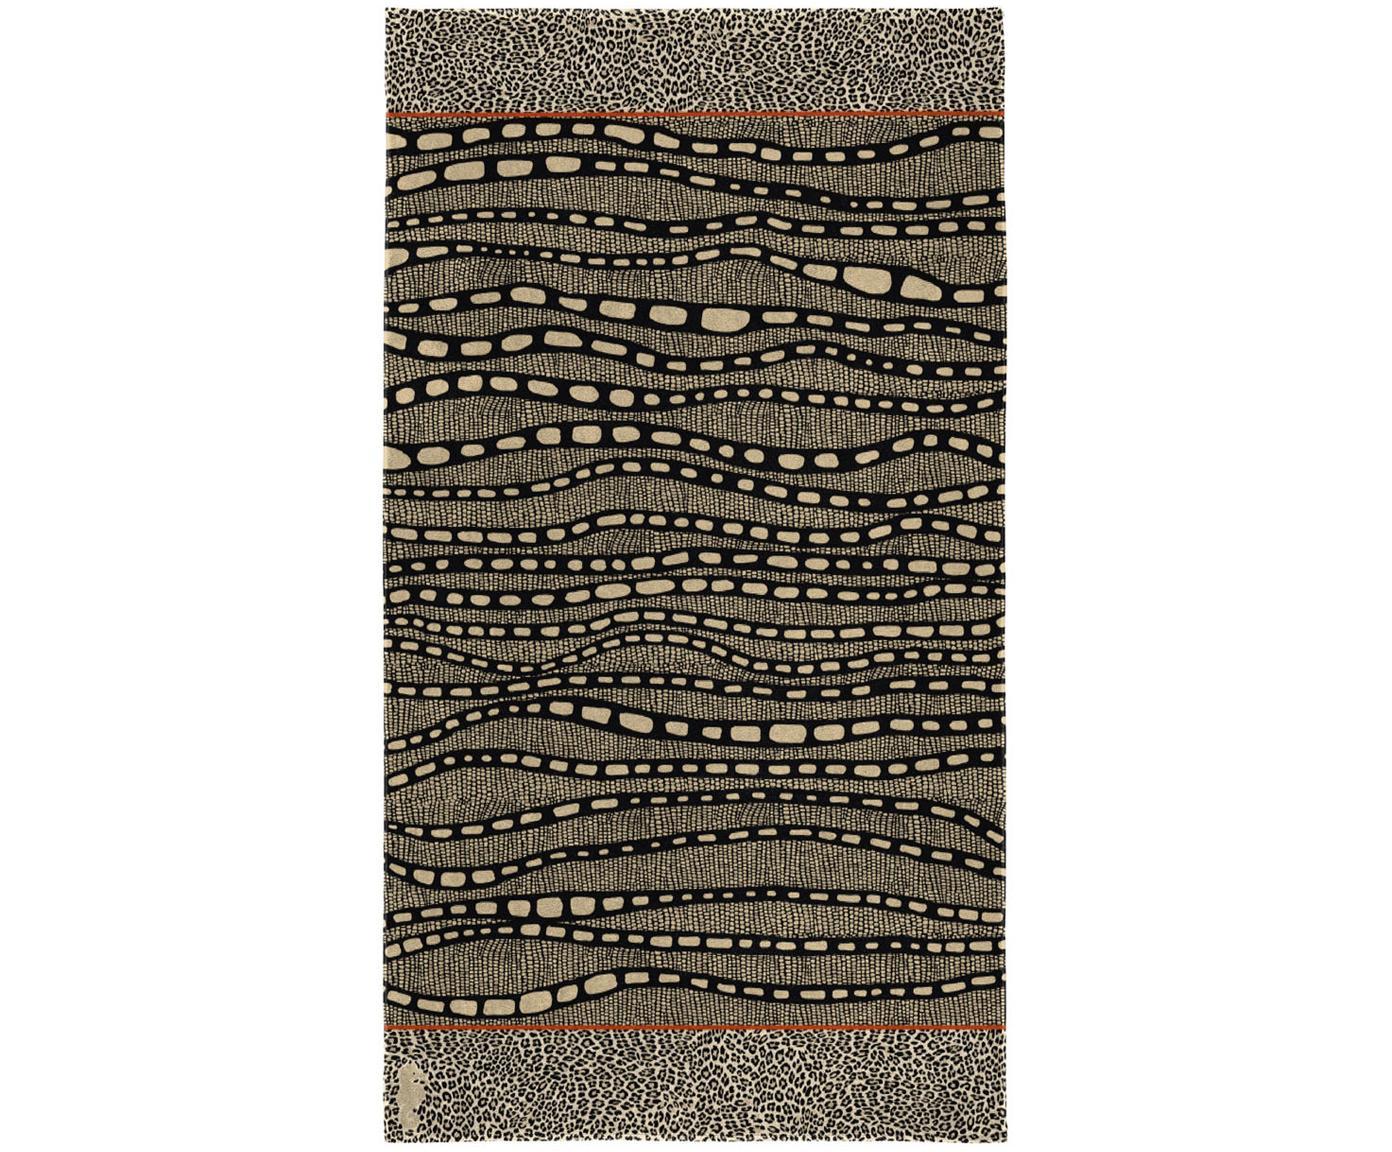 Telo mare Idris, Velour (cotone) Qualità del tessuto di peso medio, 420g/m², Brunastro, tonalità beige, nero, arancione, P 100 x L 180 cm